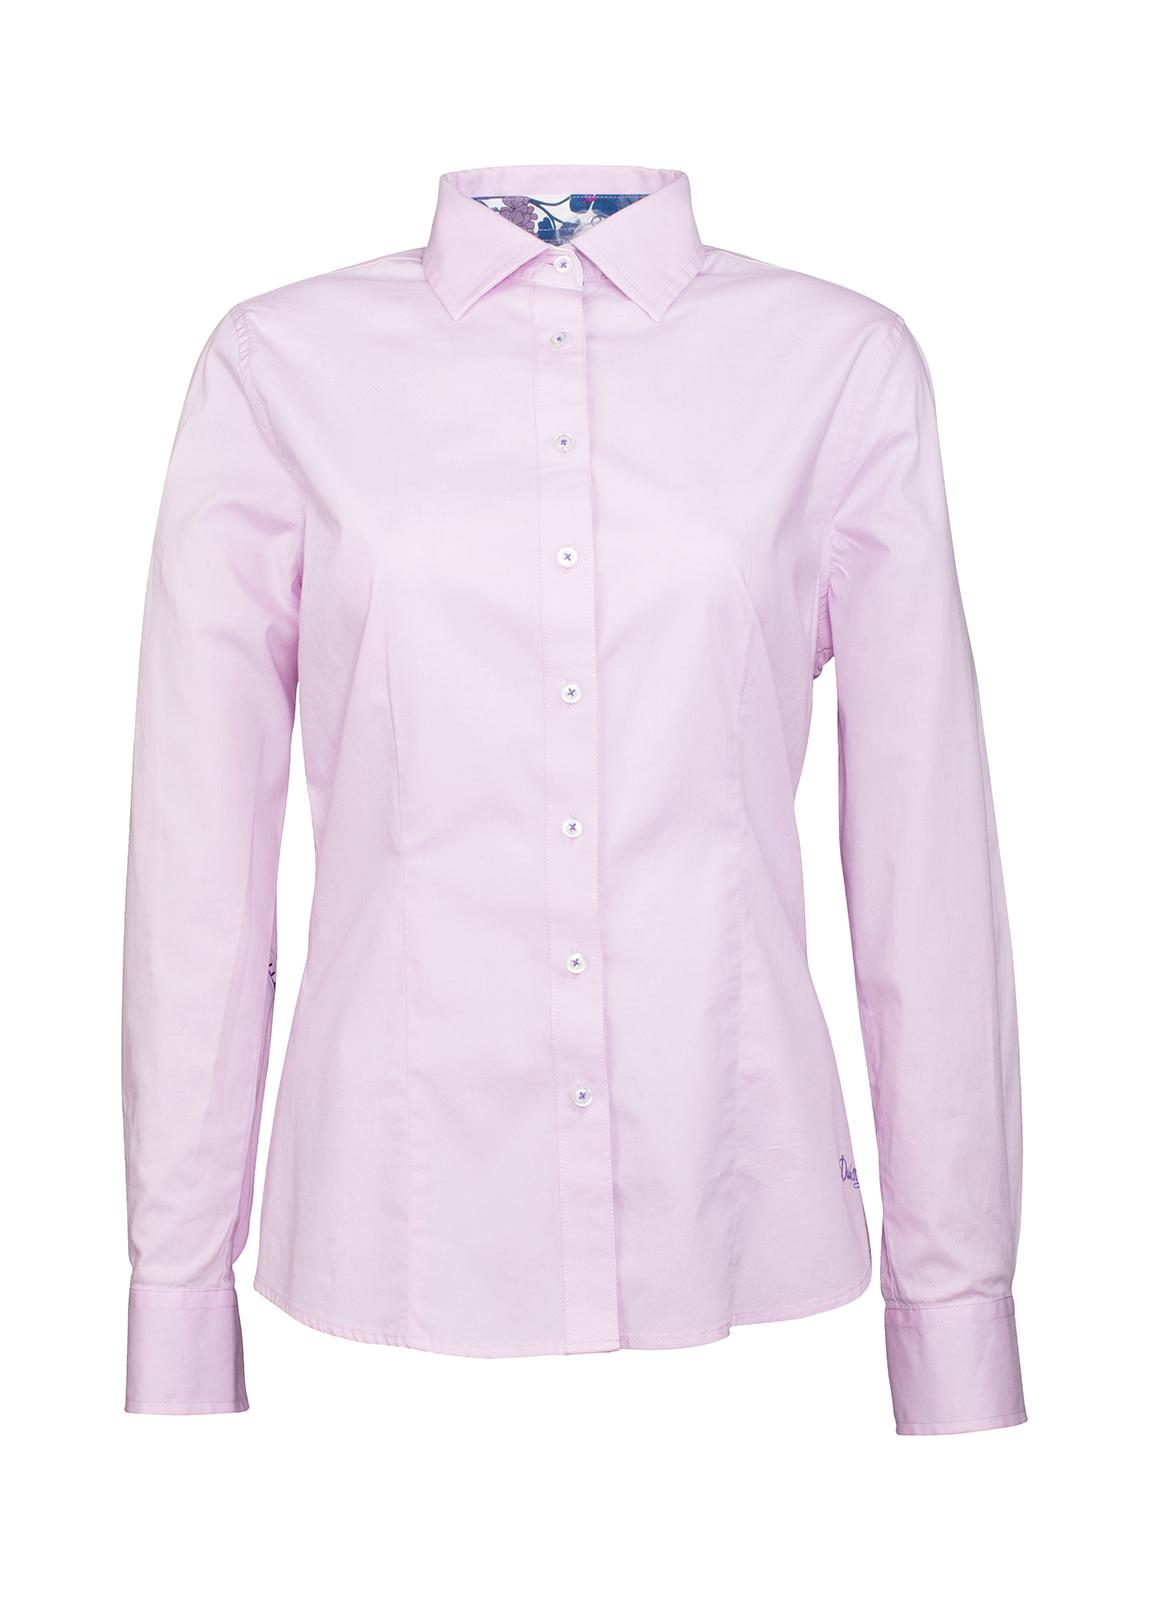 Dubarry_ Petunia Floral Trim Shirt - Pink_Image_2